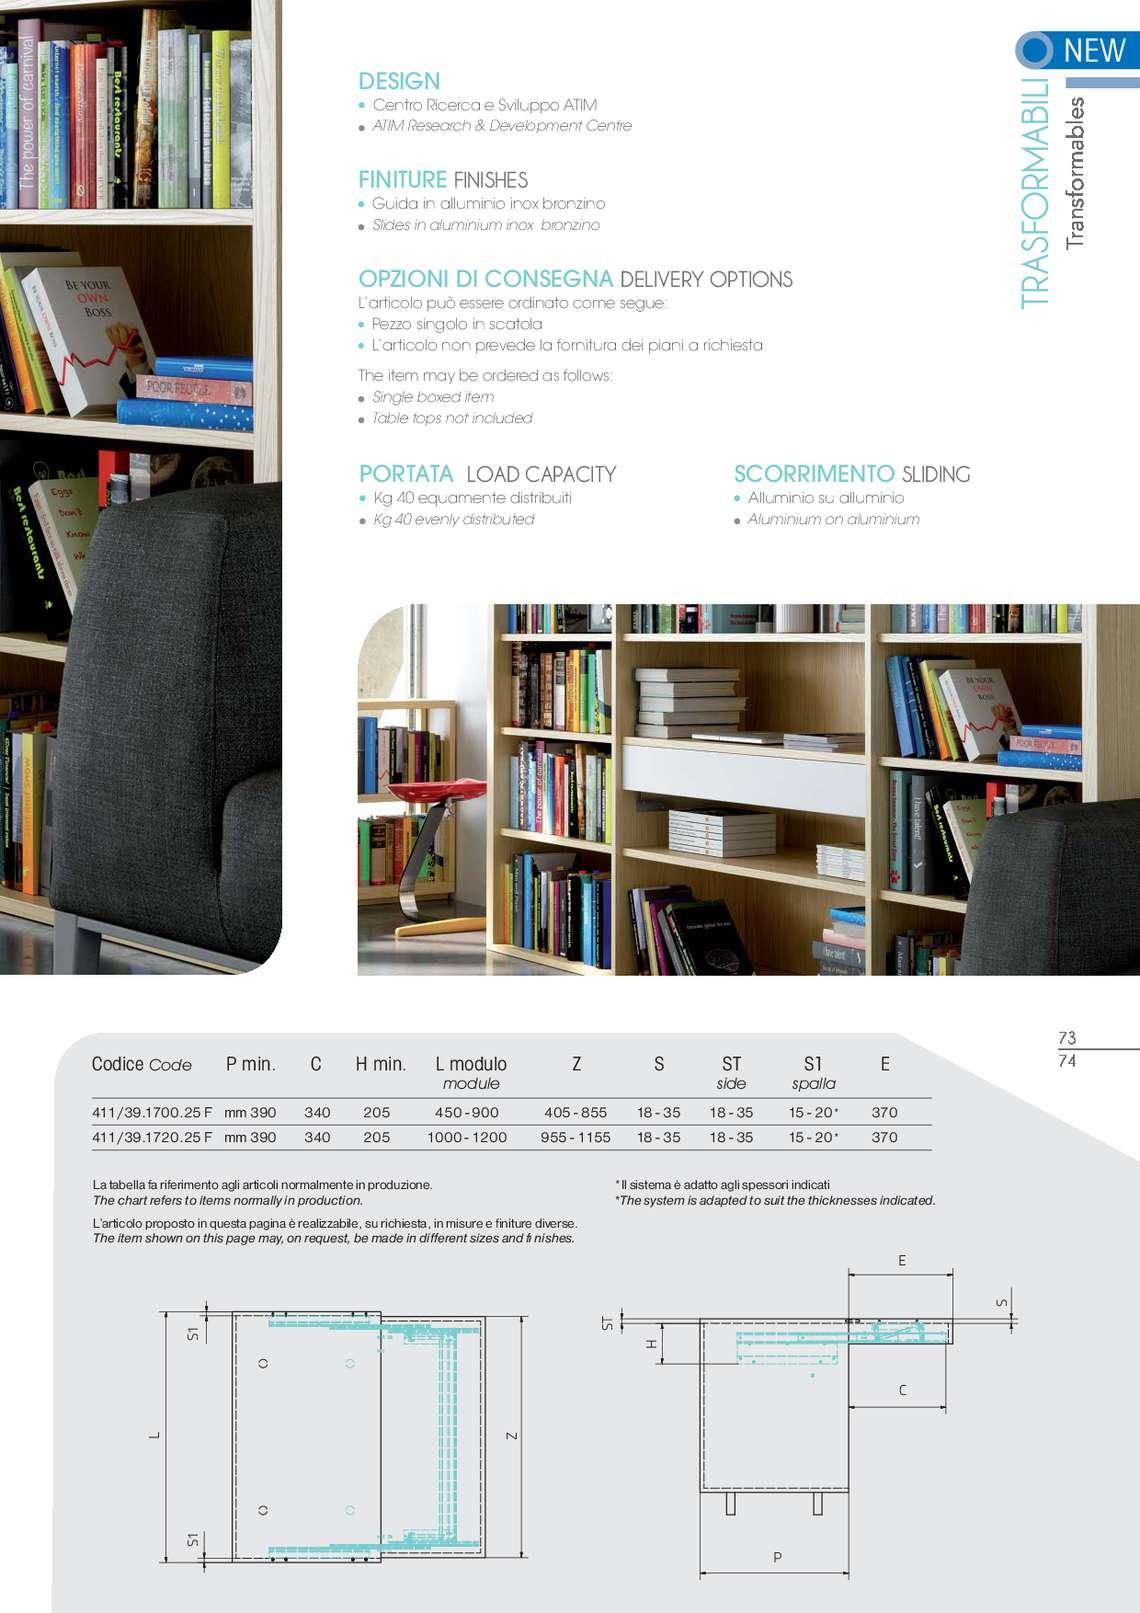 catalogo-trasformabili-atim_22_078.jpg